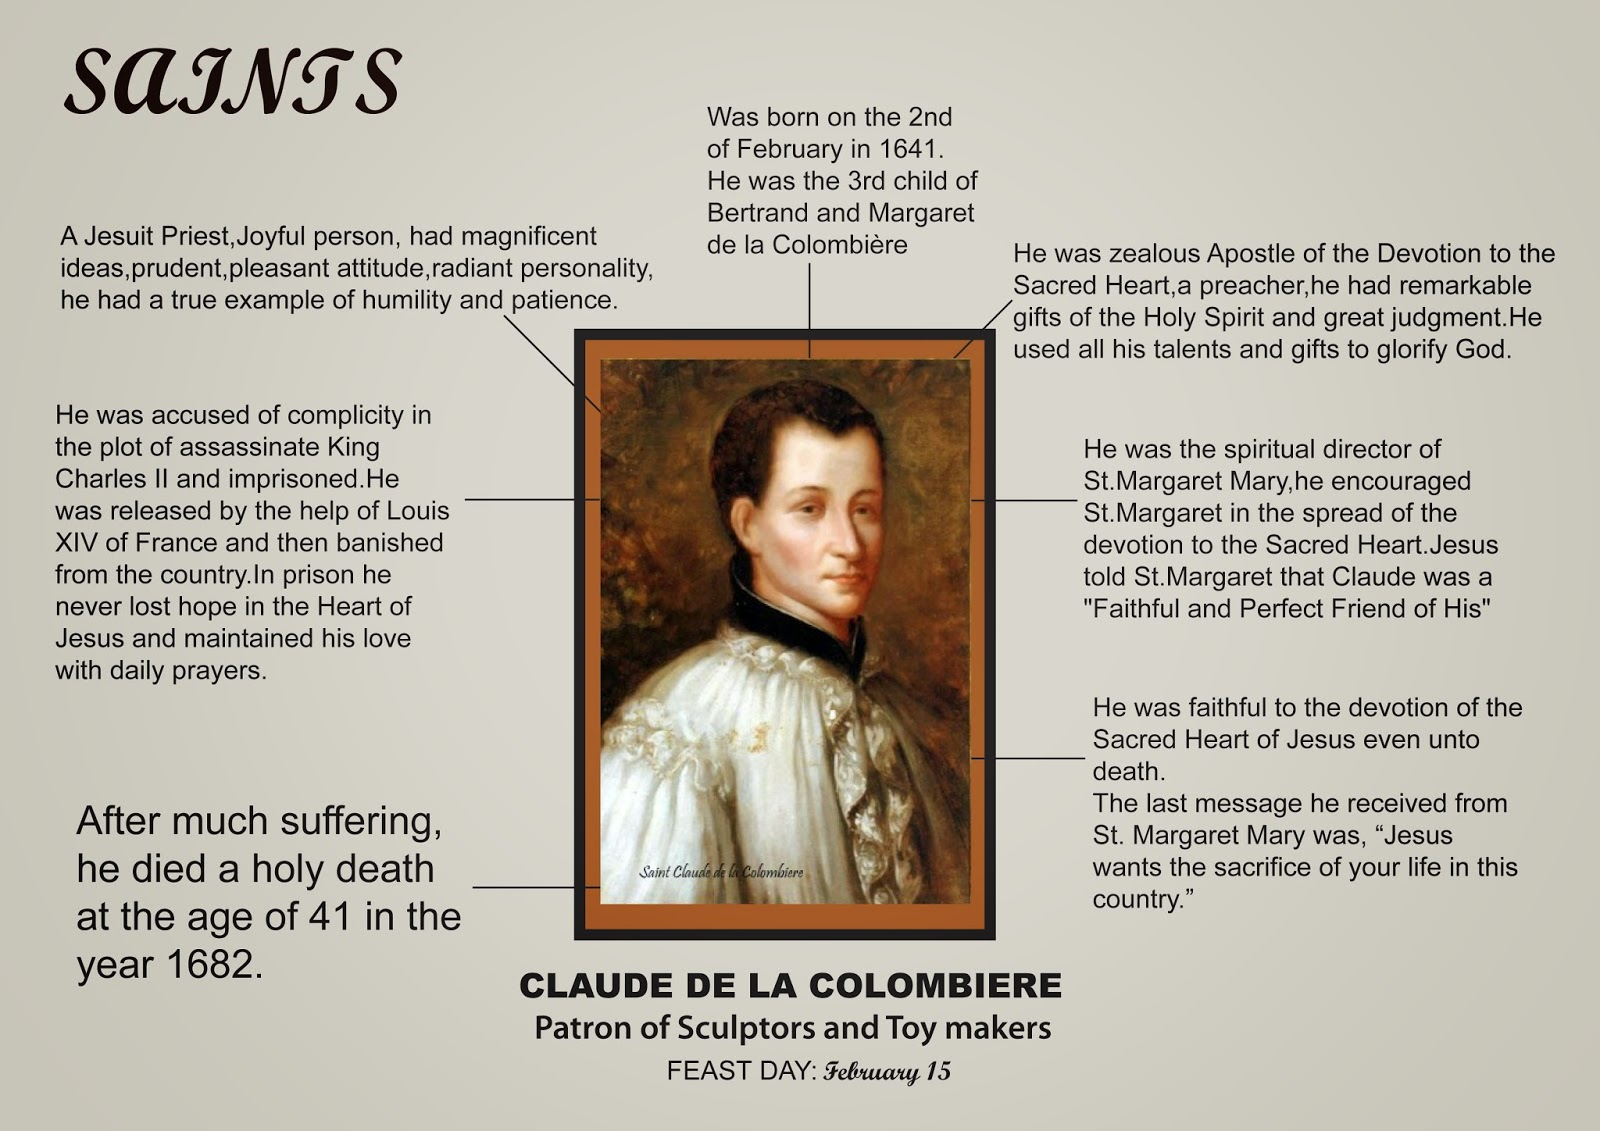 Imitating Christ\'s Humility: Feast Day of Saint Claude de la Colombiere